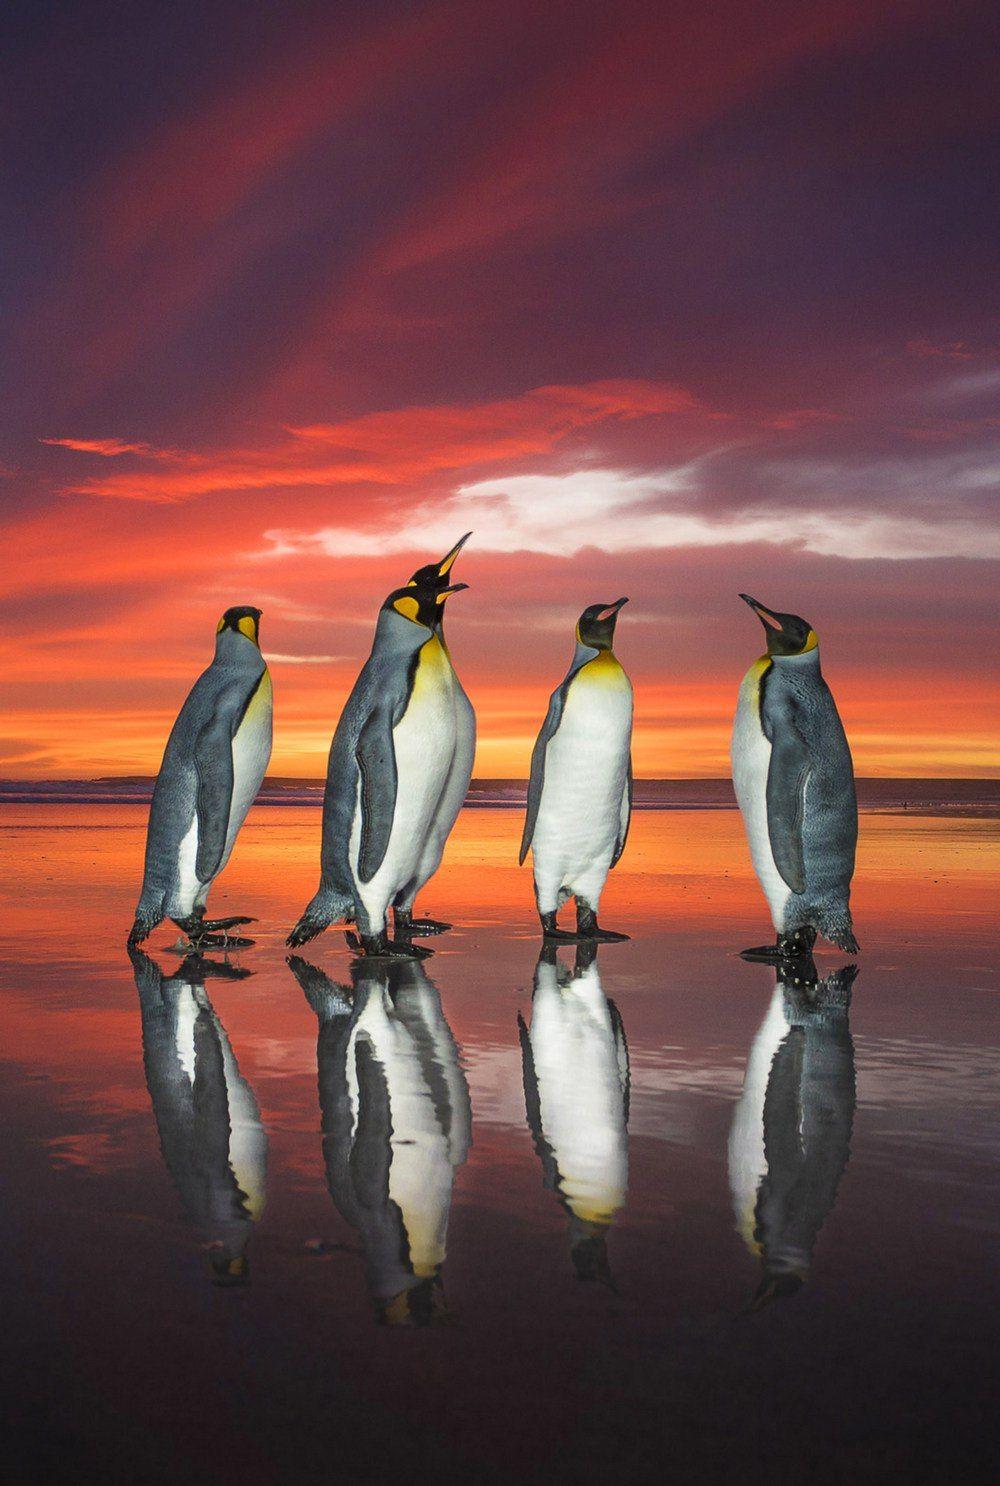 Королевские пингвины на рассвете     45-летний фотограф дикой природы Вим ван ден Хивер (Wim van dan Heever) в этом году посетил Фолклендские острова, чтобы пофотографировать и разведать территорию для будущих туров.